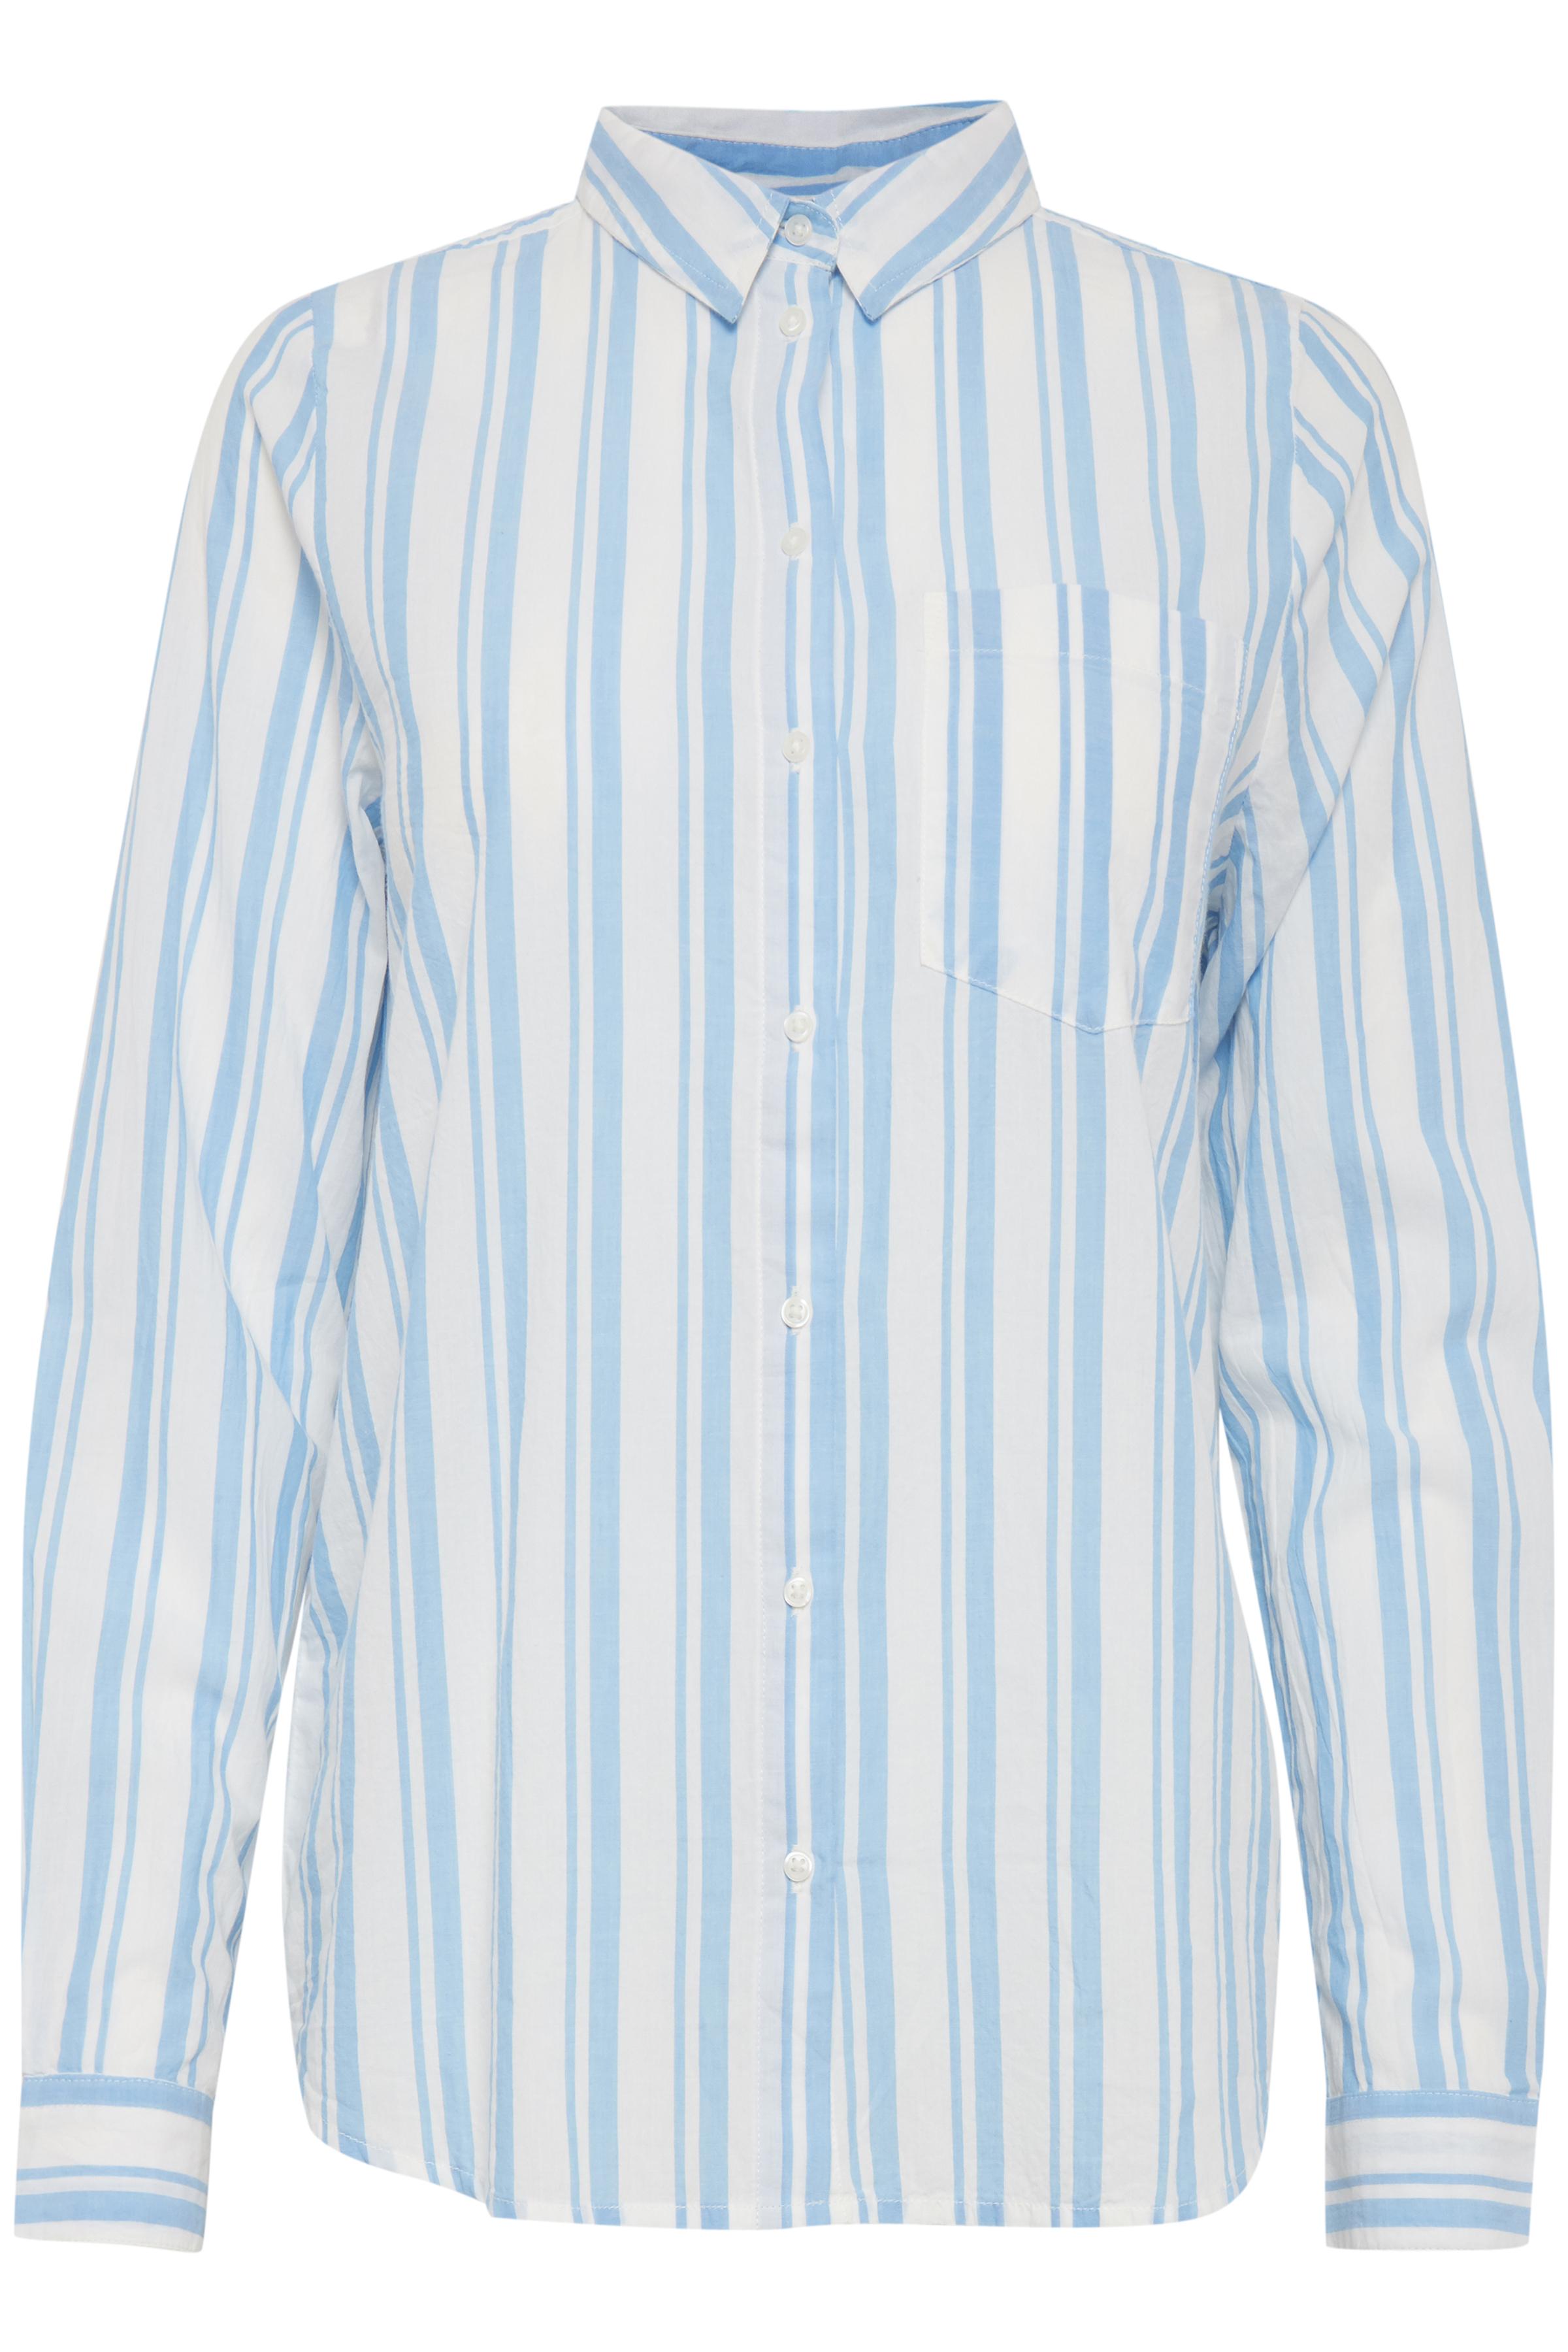 Azure Blue Langærmet skjorte – Køb Azure Blue Langærmet skjorte fra str. 36-42 her